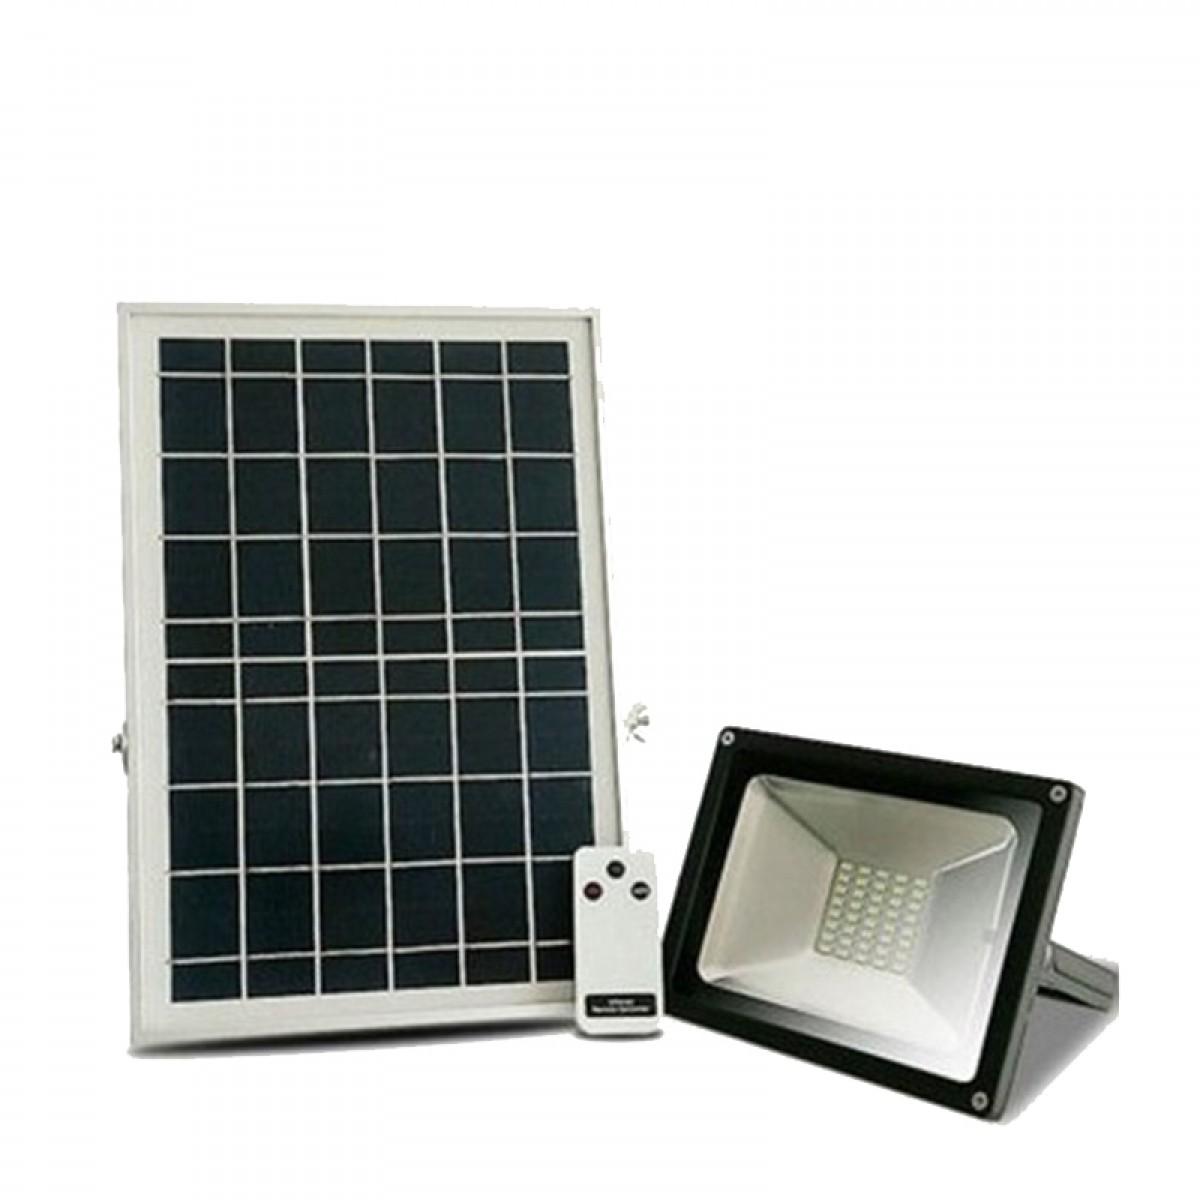 Ηλιακός προβολέας ανάβει μόλις νυχτώσει και σβήνει όταν ξημερώσει εξωτερικού χώρου IP 65 30W με 60 ισχυρά SMD LED + Τηλεχειριστήριο ON - OFF + Επιλογή αυτόματου φωτισμού το βράδυ-OEM